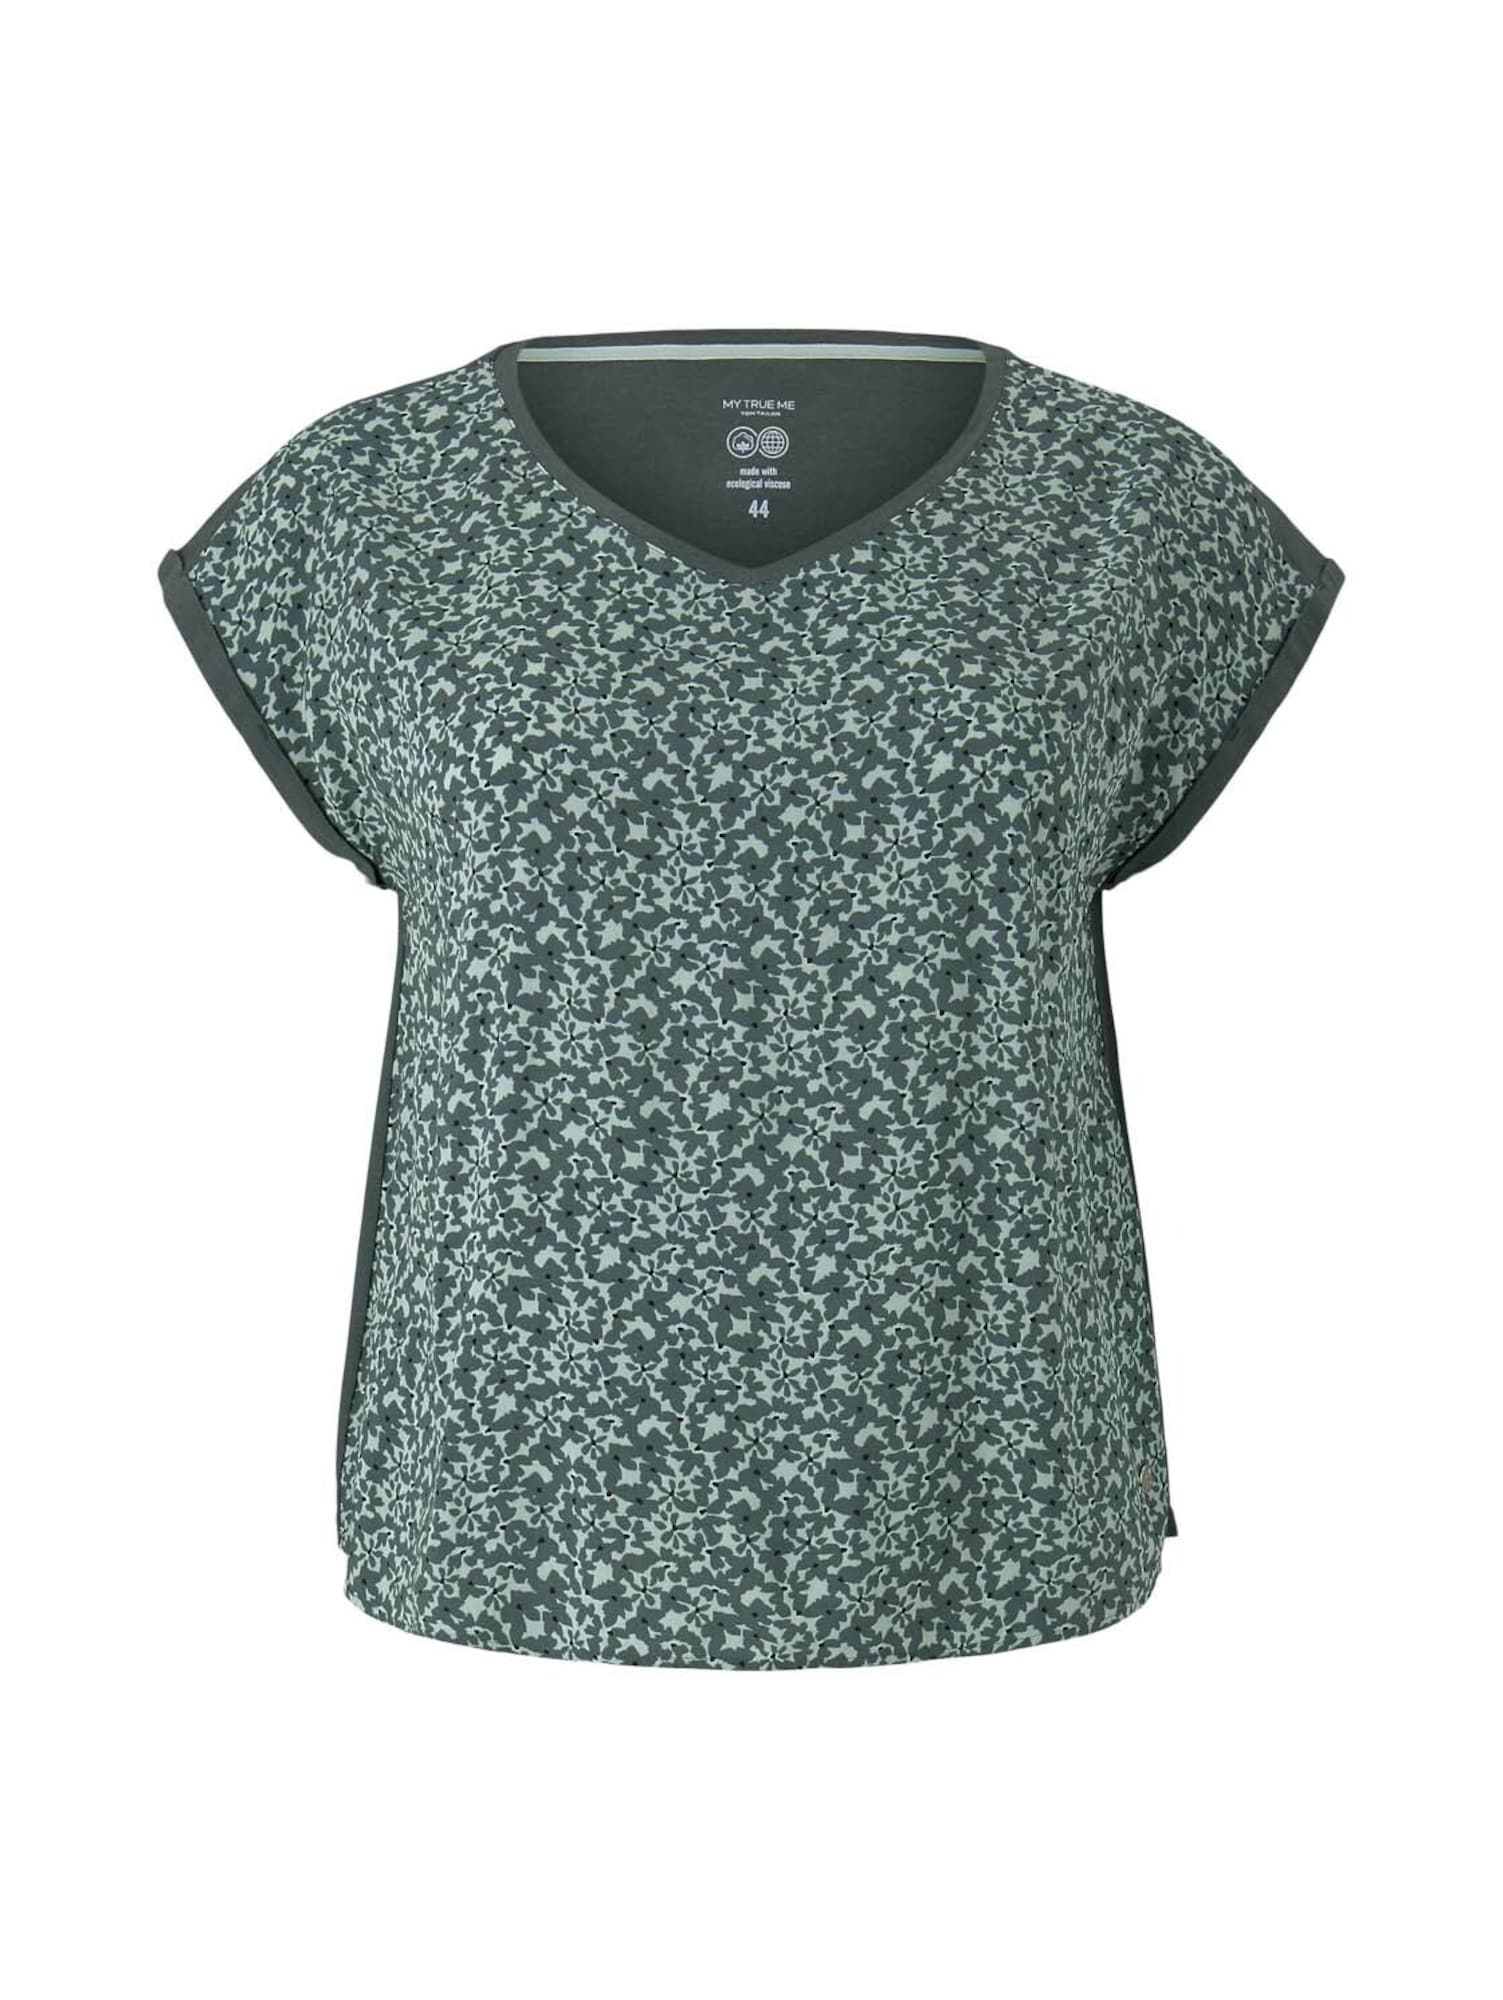 MY TRUE ME Marškinėliai pastelinė žalia / smaragdinė spalva